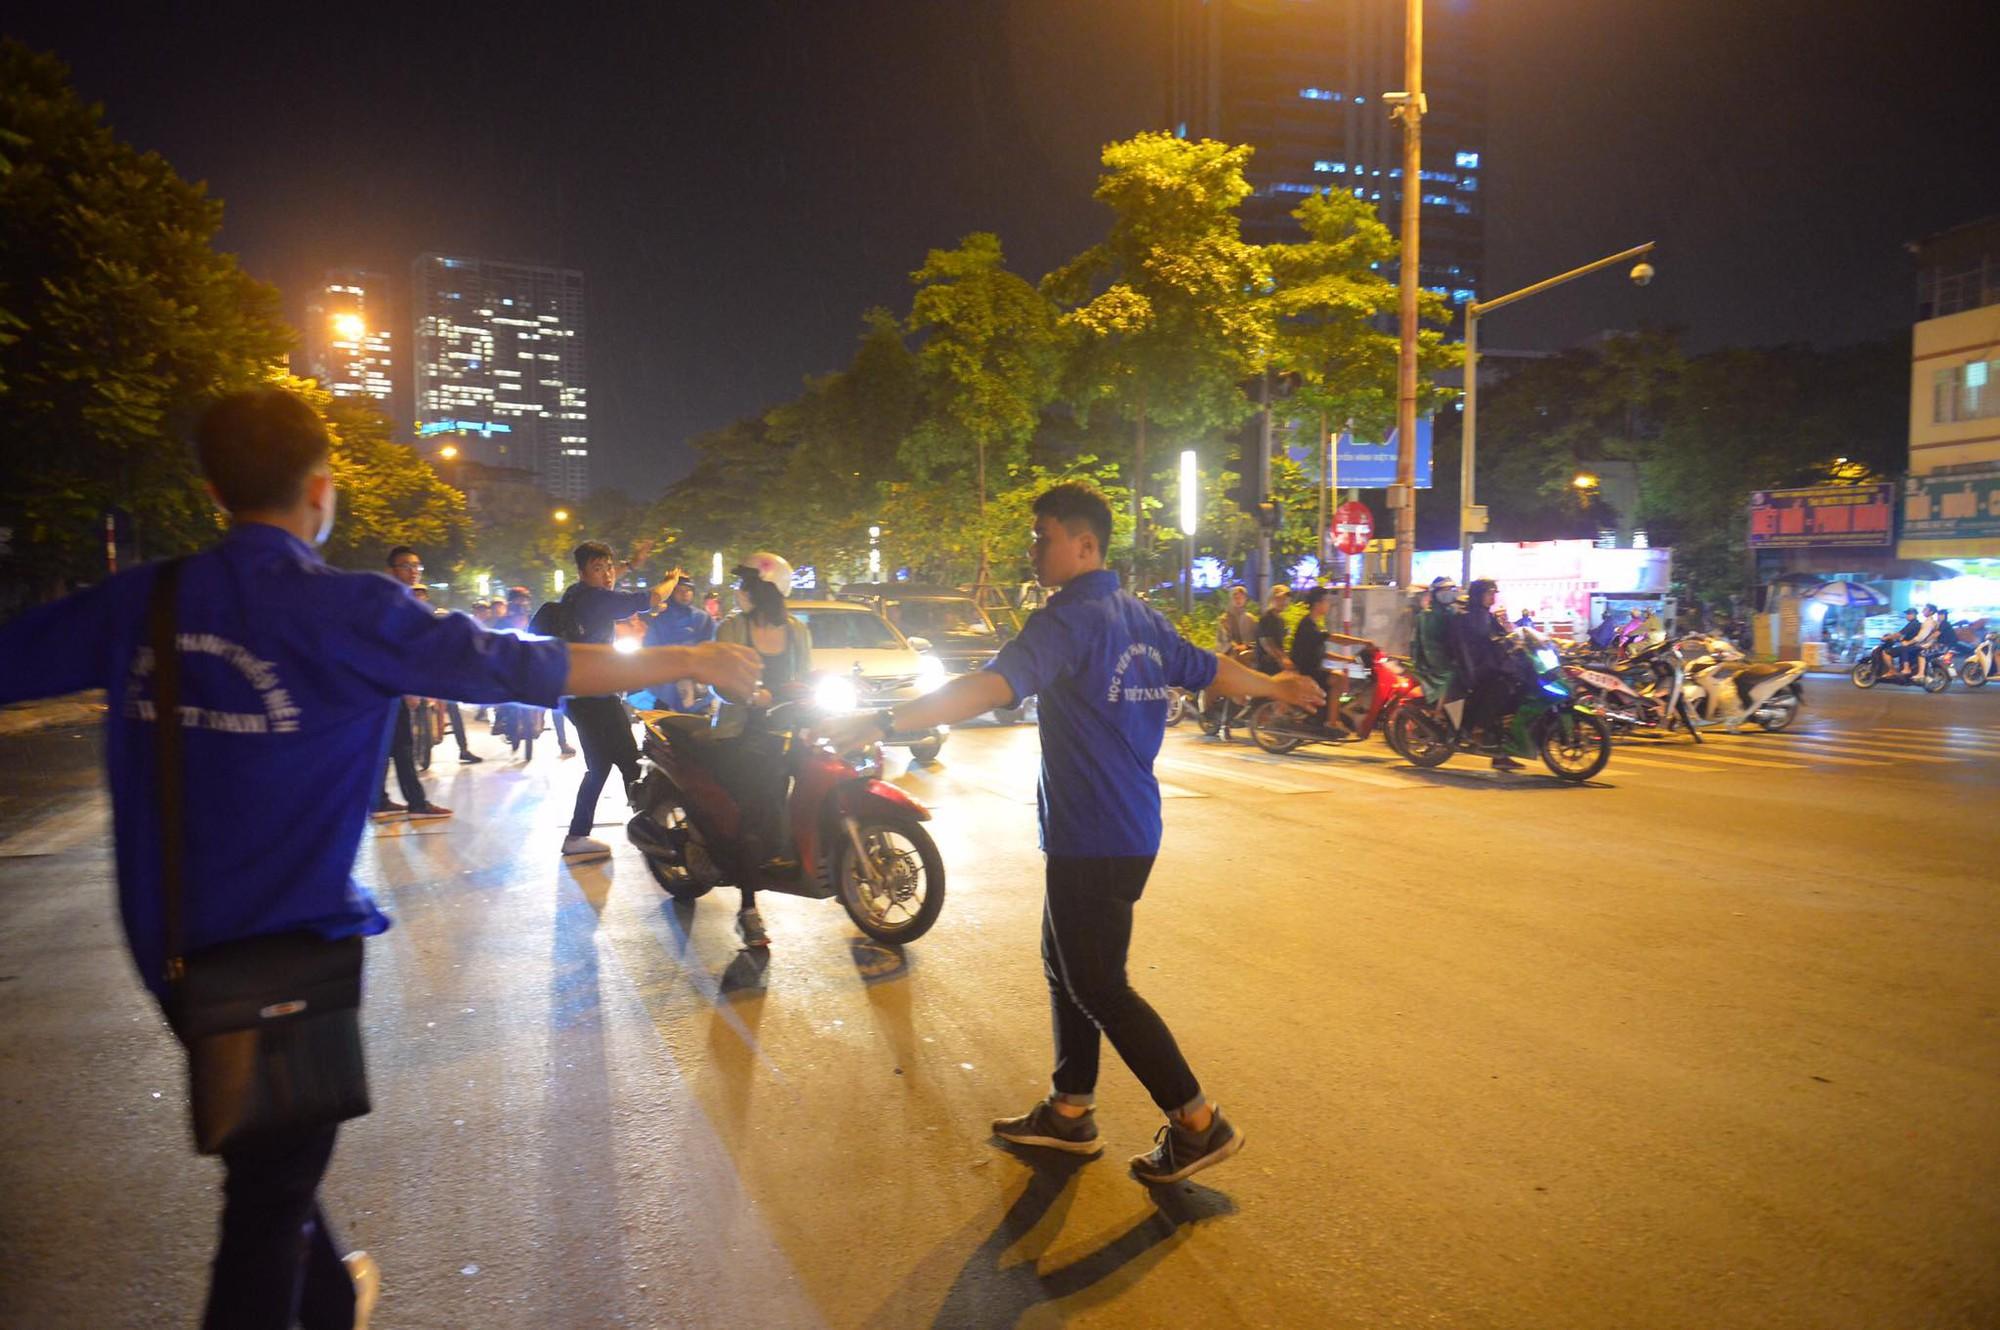 Nóng: Cháy lan kinh hoàng cả dãy trọ gần viện Nhi ở Hà Nội, nhiều người ôm mặt khóc nức nở - Ảnh 23.